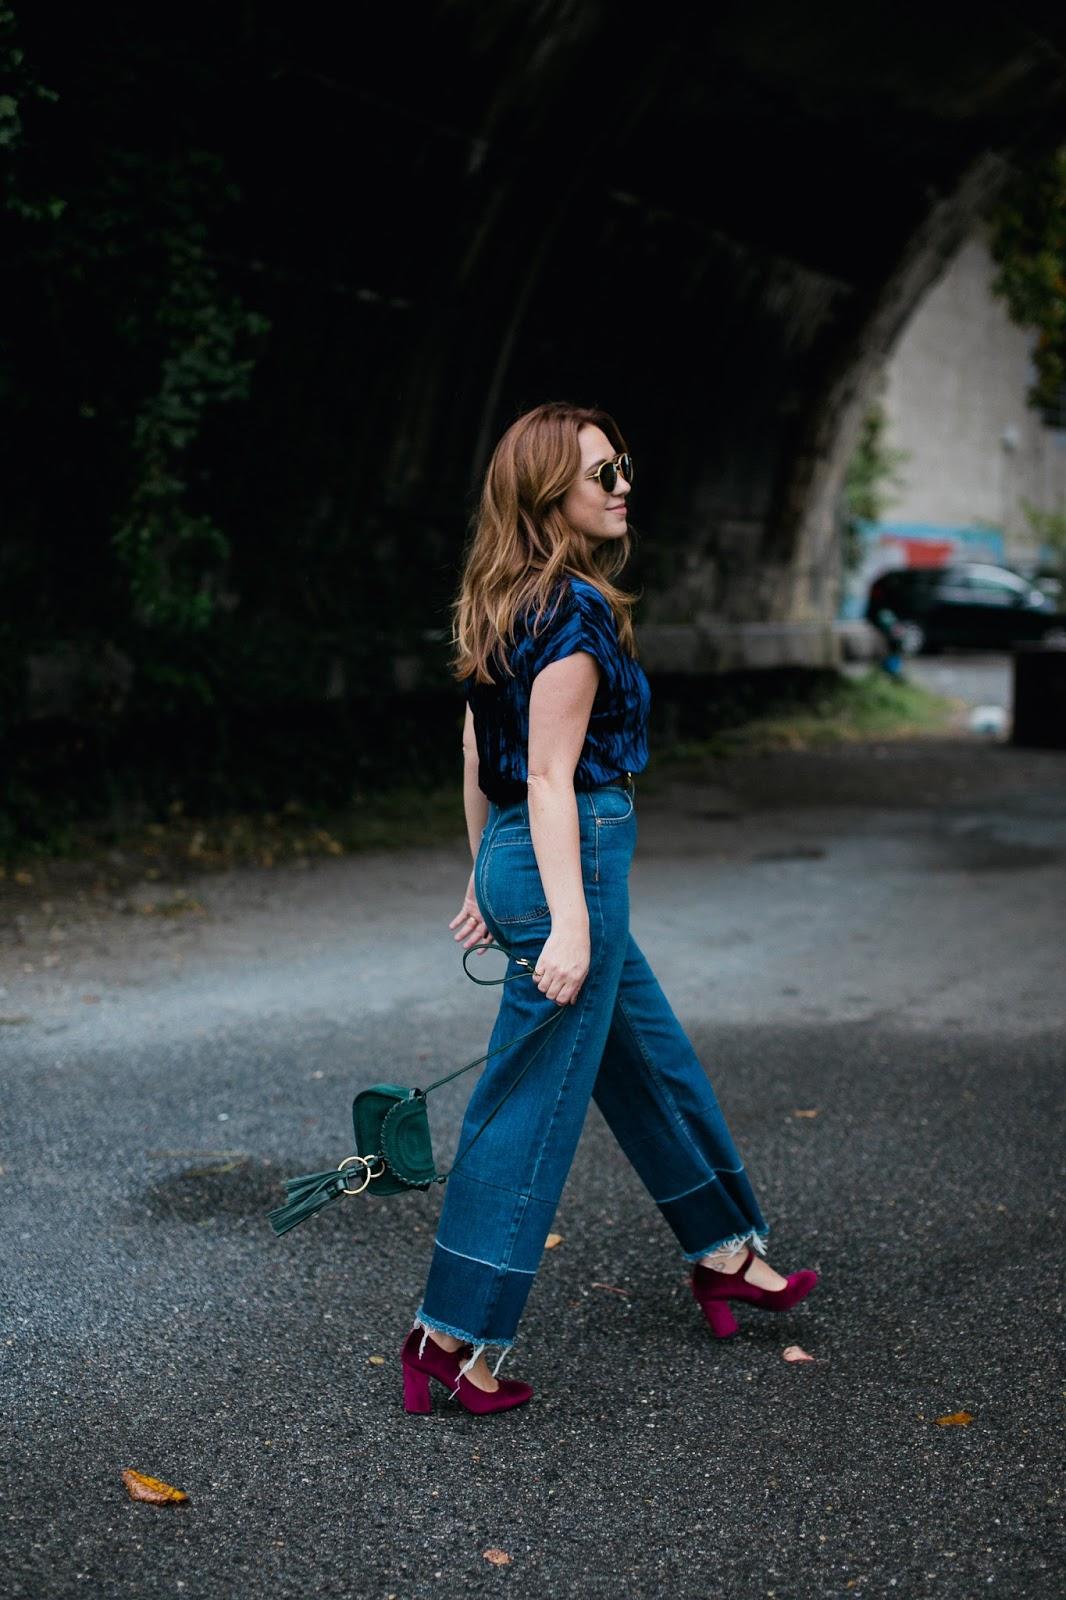 velvet trend, velvet dress, velvet romper, velvet boots, velvet booties, velvet shirt, crushed velvet, best velvet pieces, shop velvet, velvet shoes, velvet heels, velvet pumps, velvet choker, velvet skirt, velvet blazer, outfit, dc blogger, style blogger, fashion blogger, dc, inspo, outfit idea, best velvet picks, velvet blogger